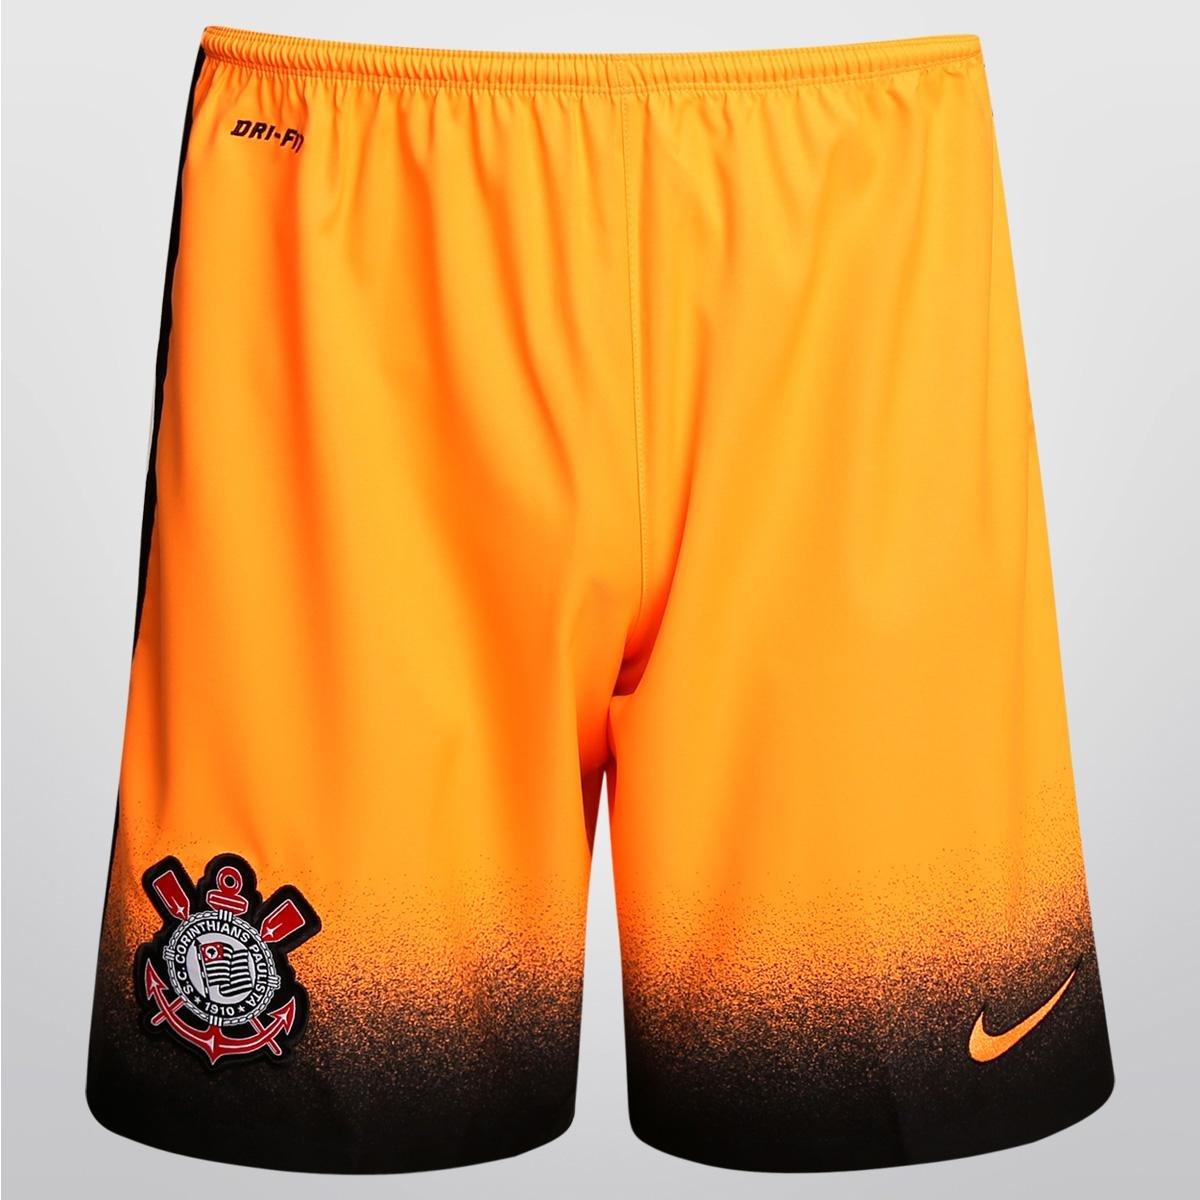 Calção Nike Corinthians 2015 - Compre Agora  9a63114301e8f